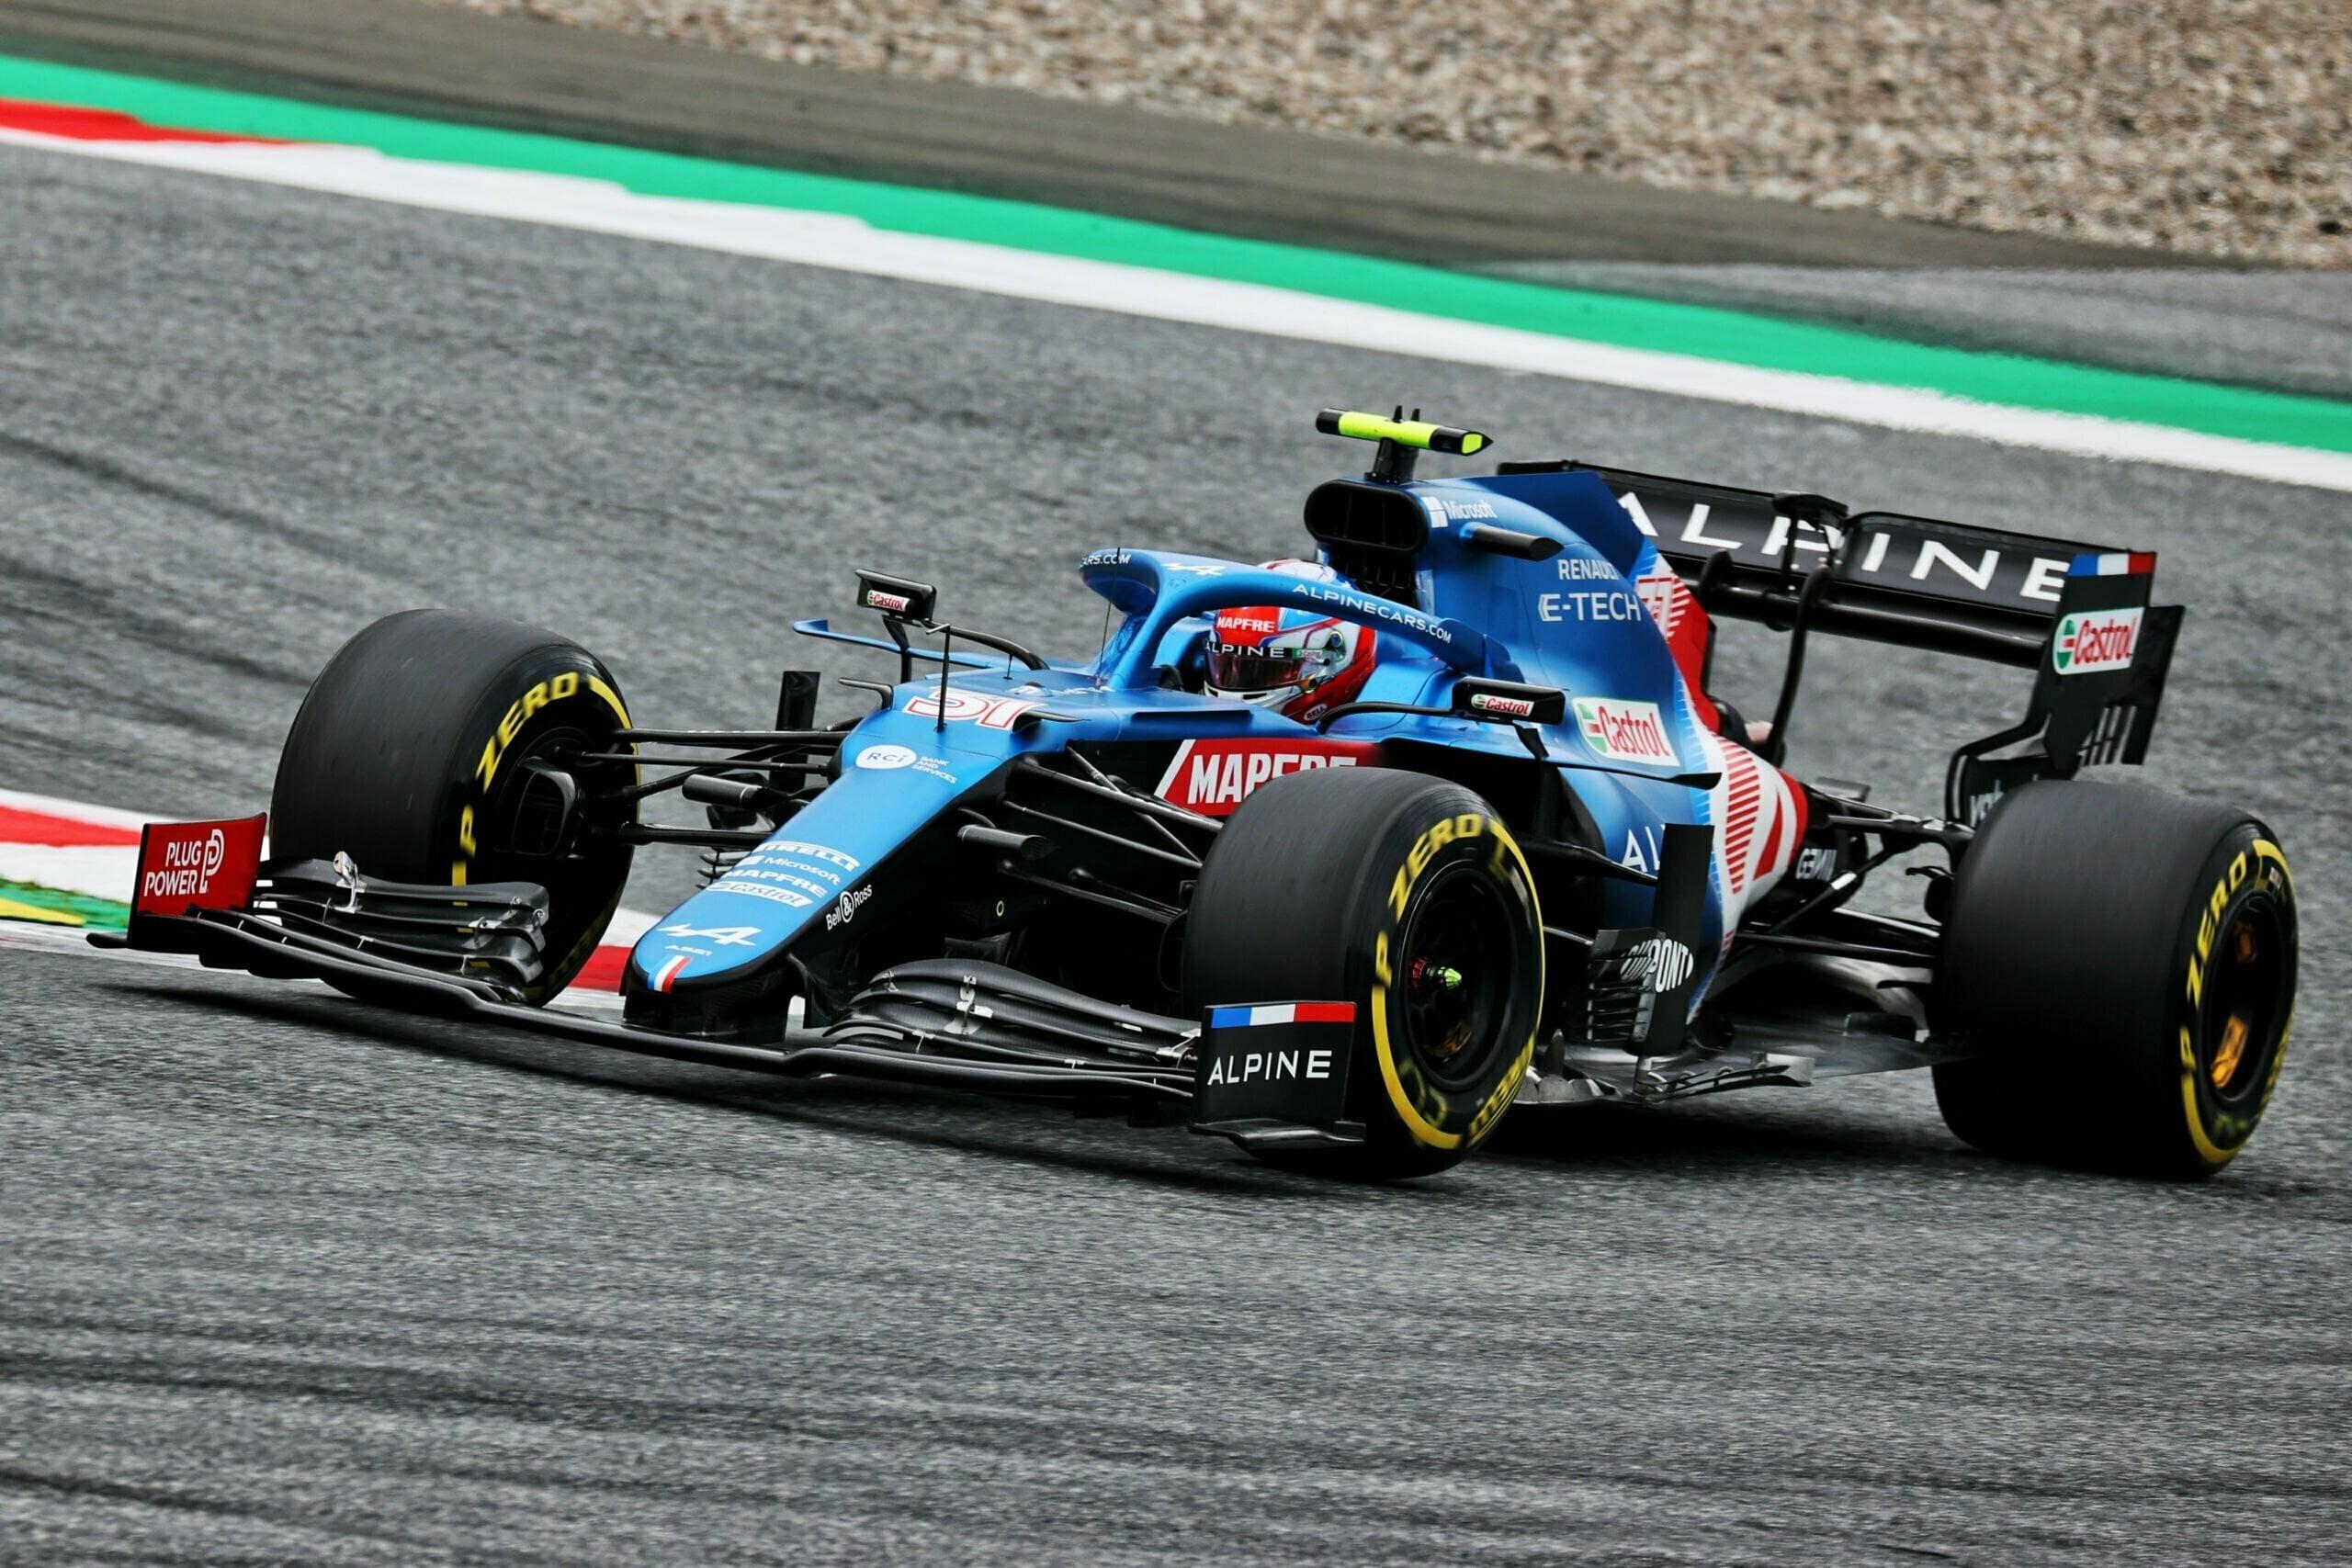 Alpine F1 Alonso Ocon A521 GP Autriche Spielberg 2021 20 scaled | Alpine F1 : Alonso rapporte un point au Grand-Prix d'Autriche